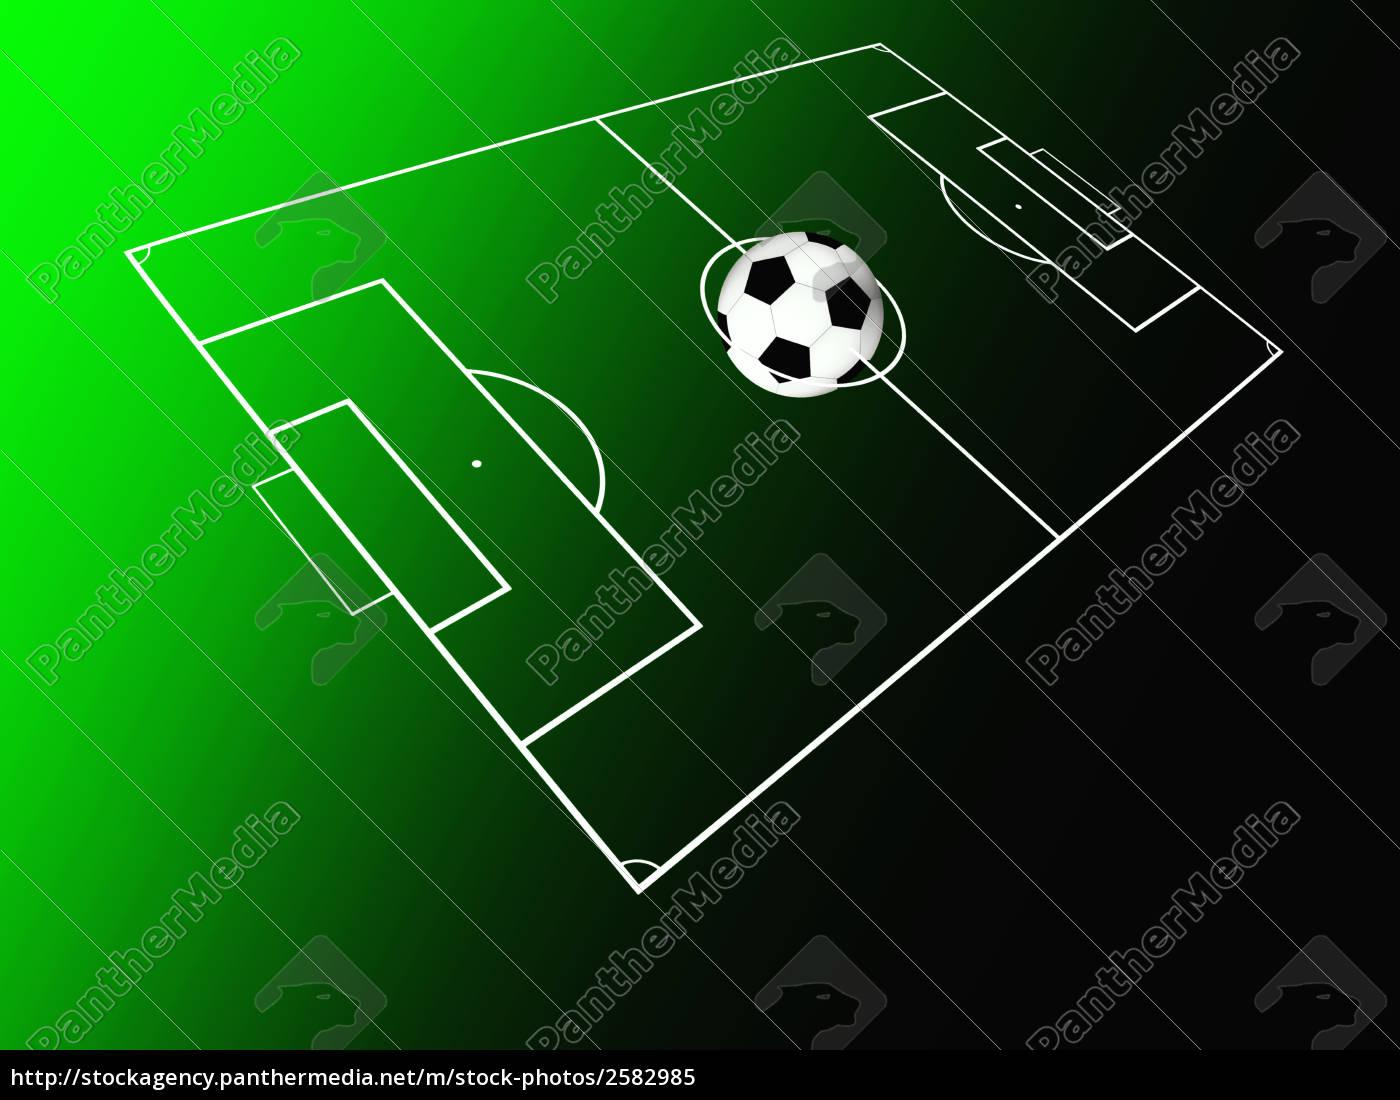 Stockfoto 2582985 Fussball Wallpaper